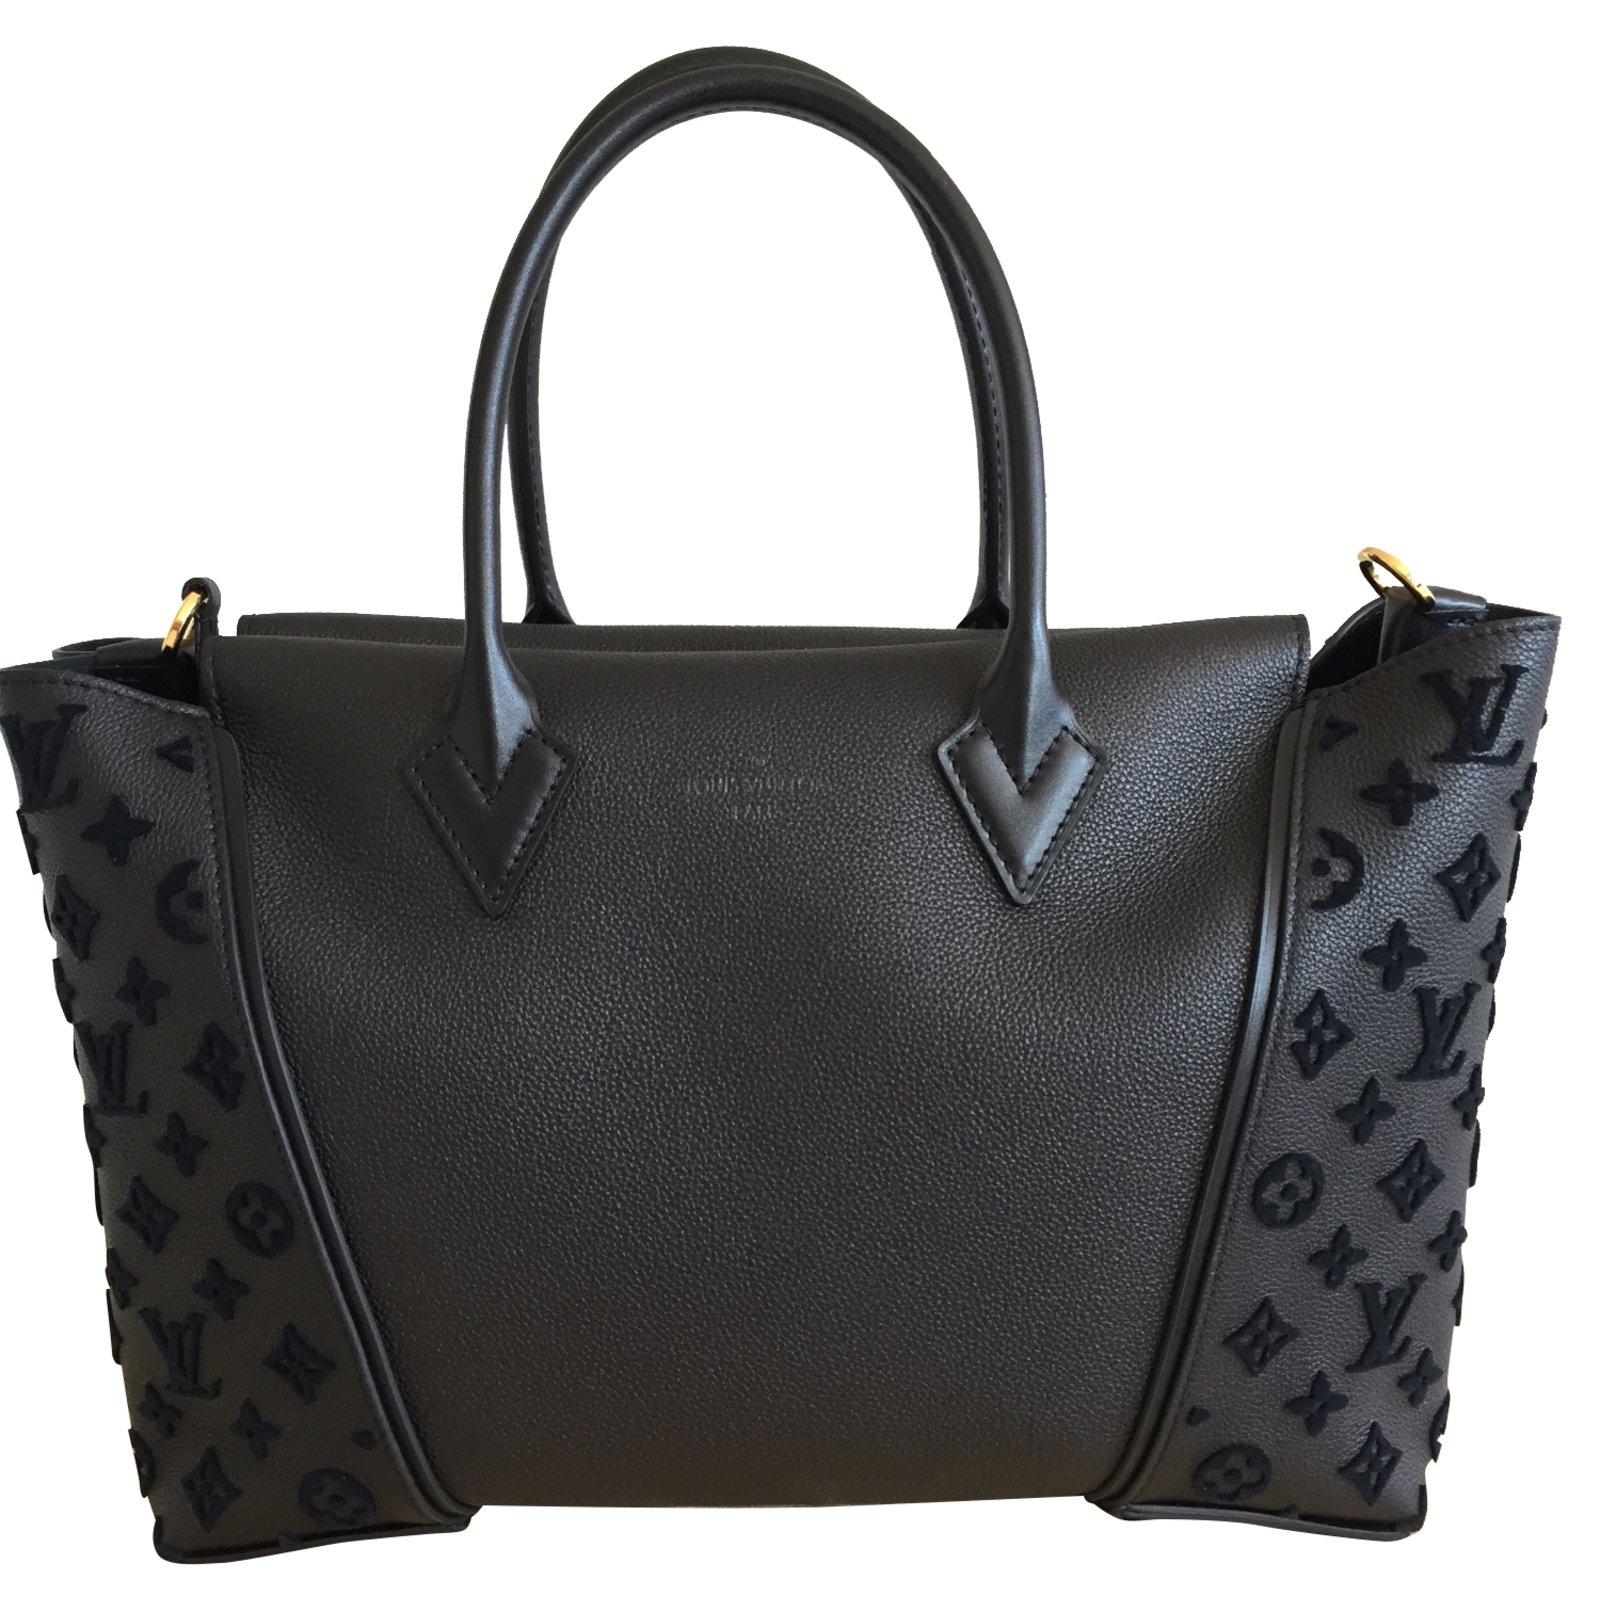 Sacs à main Louis Vuitton TOTE W Cuir Noir ref.38407 - Joli Closet 9bb073c84de